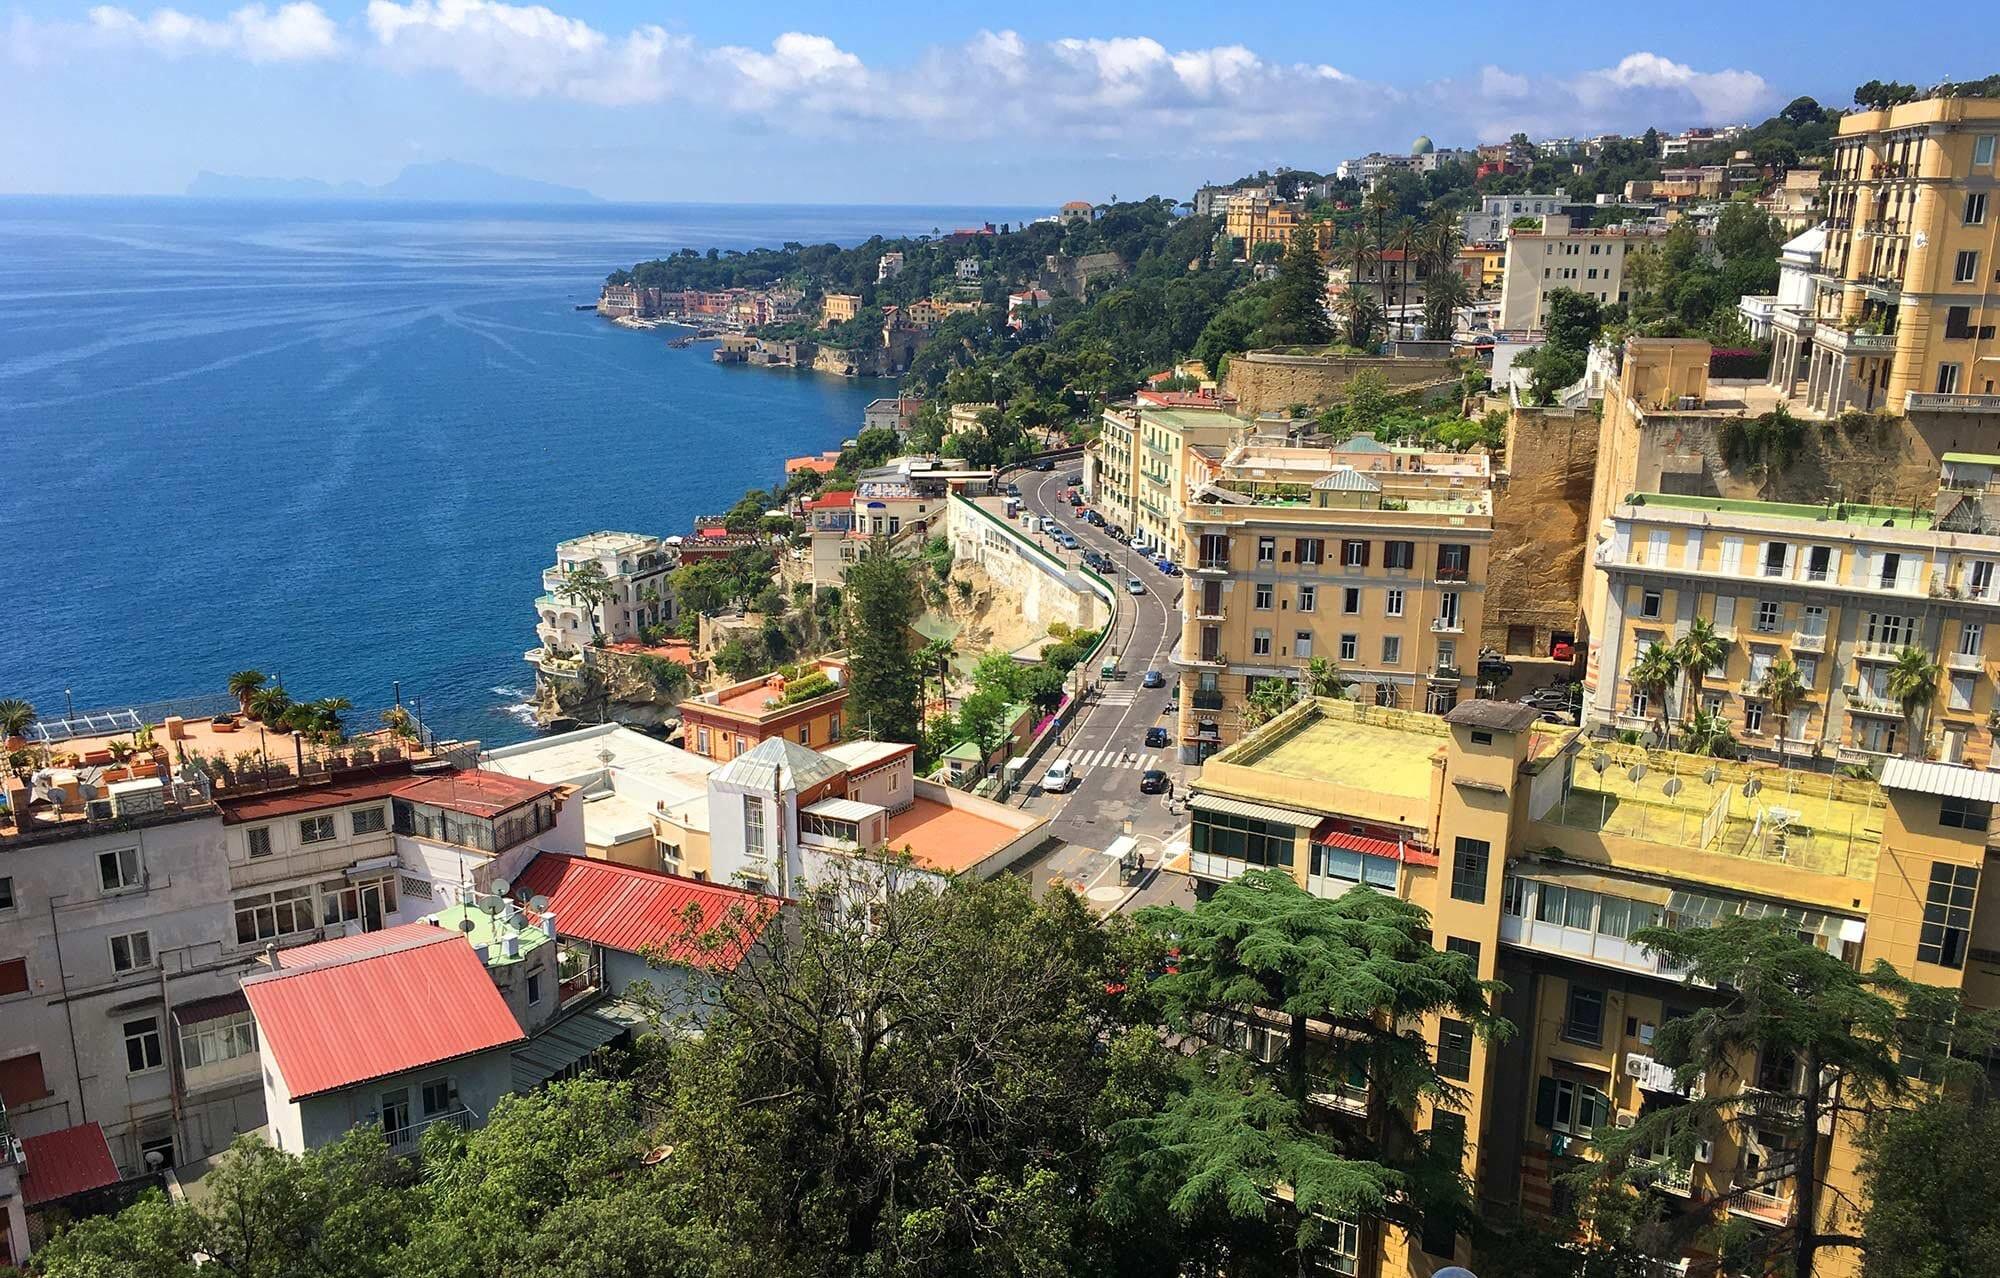 Путешествие на Везувий, первая глава: Неаполь